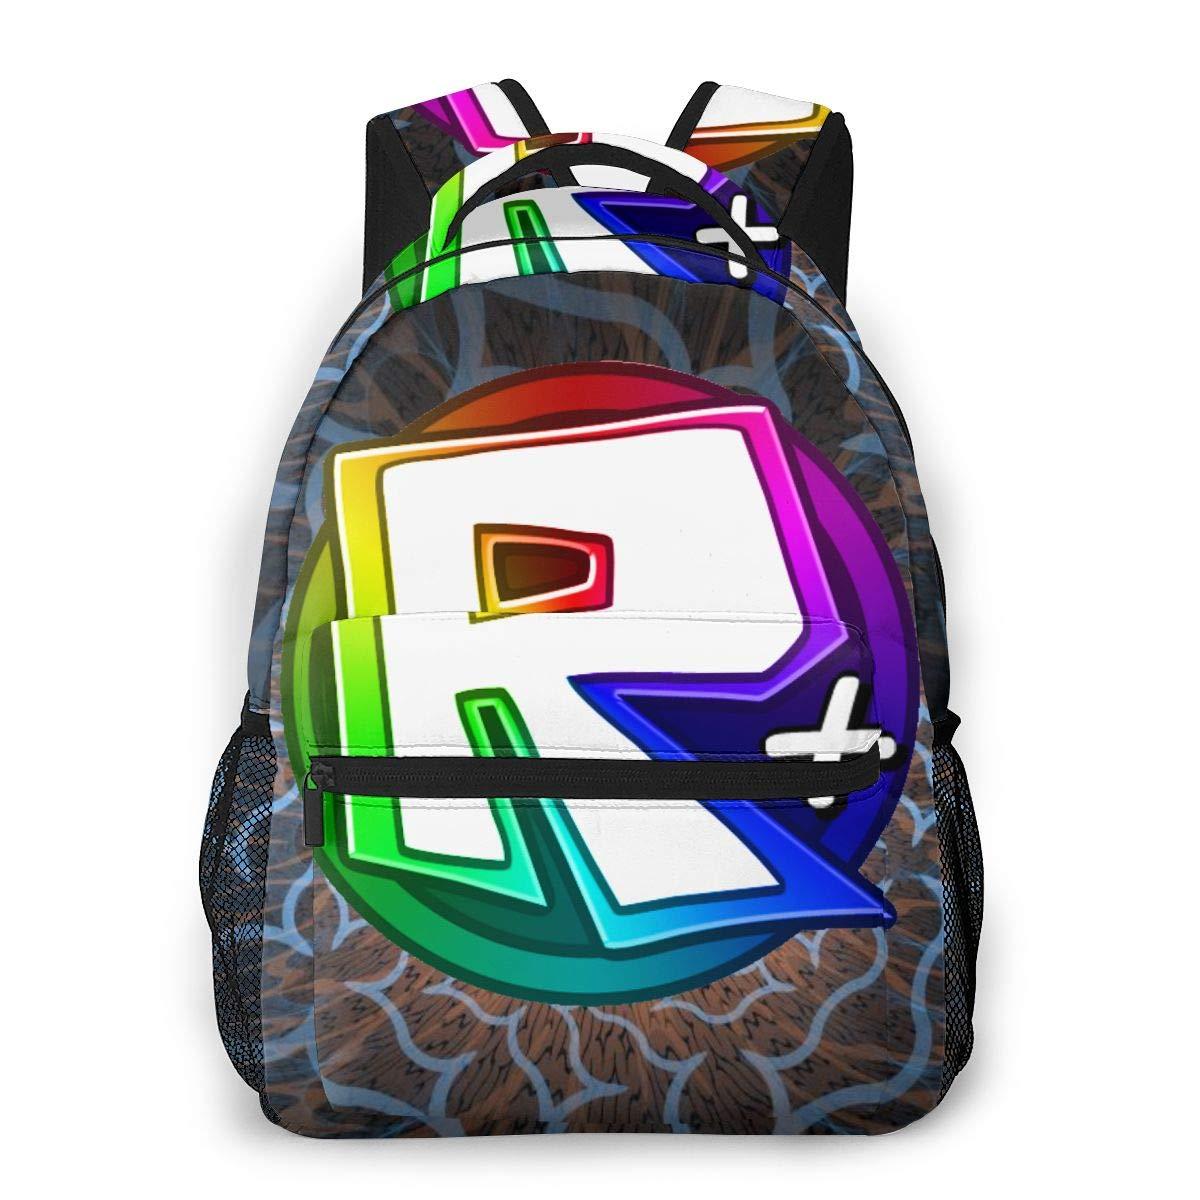 Roblox Casual Backpack School Bag Waterproof Casual Daypacks Unisex